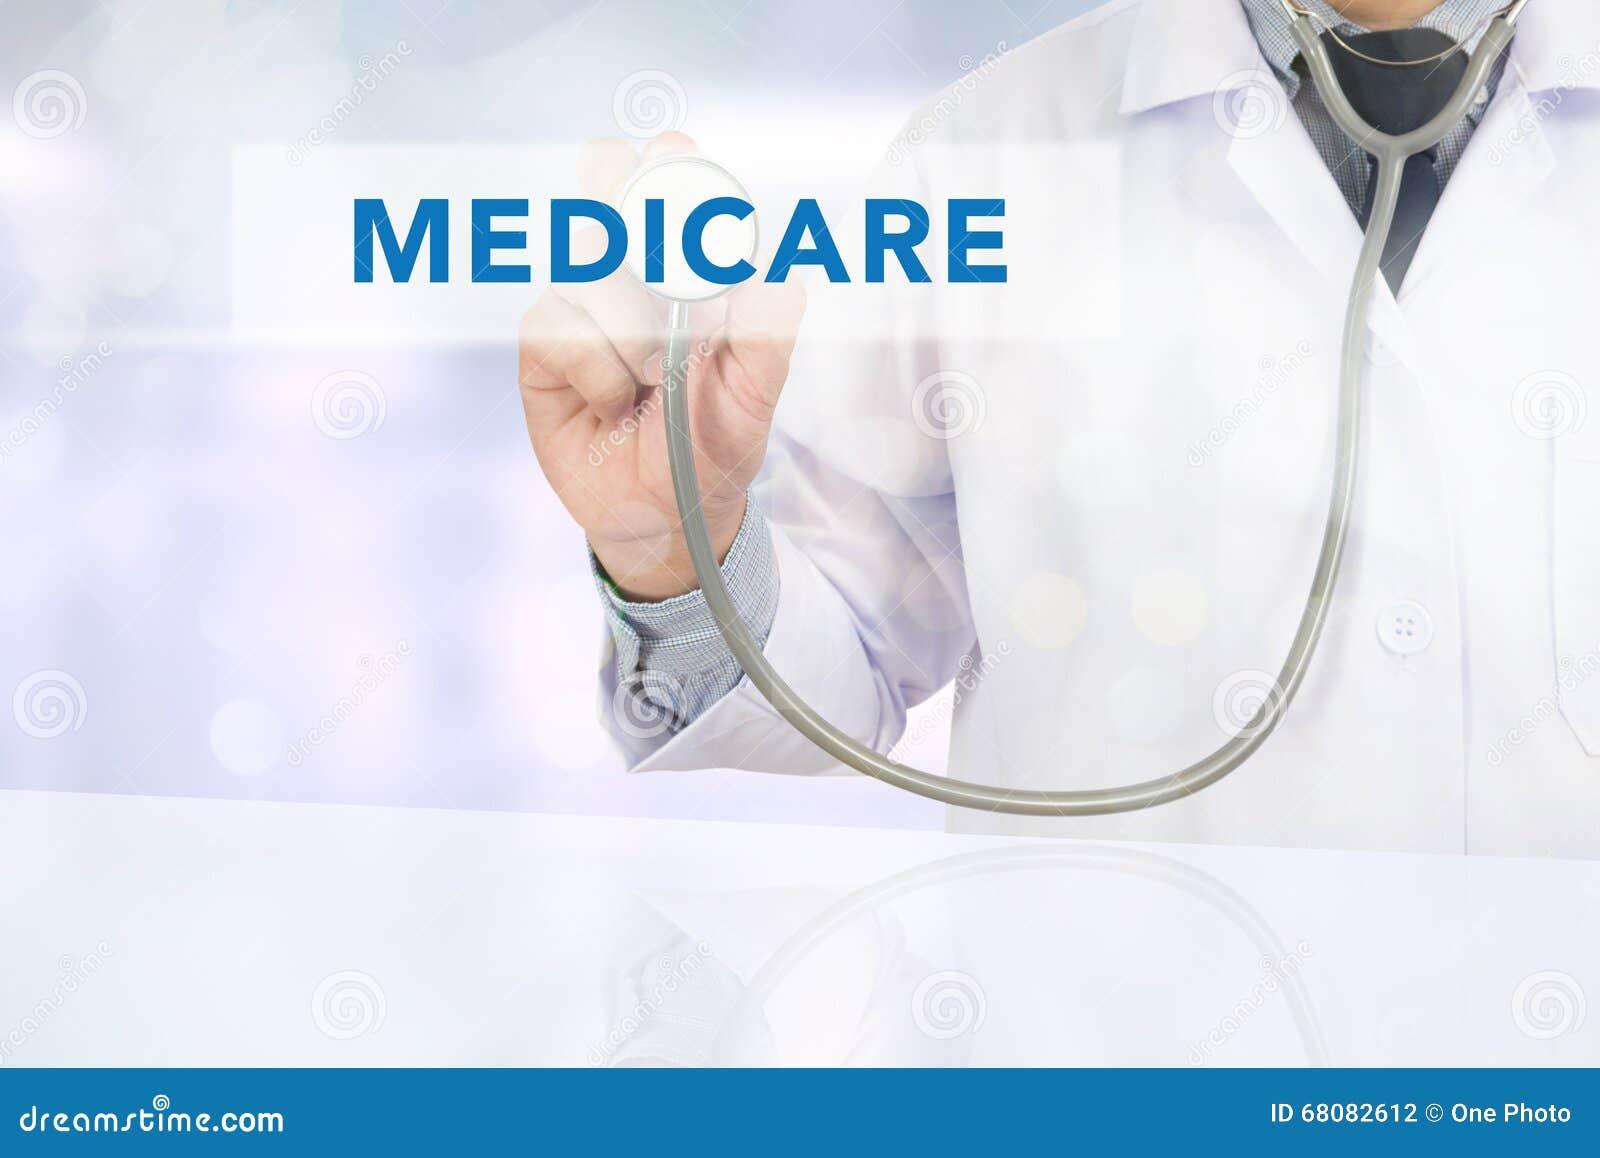 Έννοια υγείας - MEDICARE